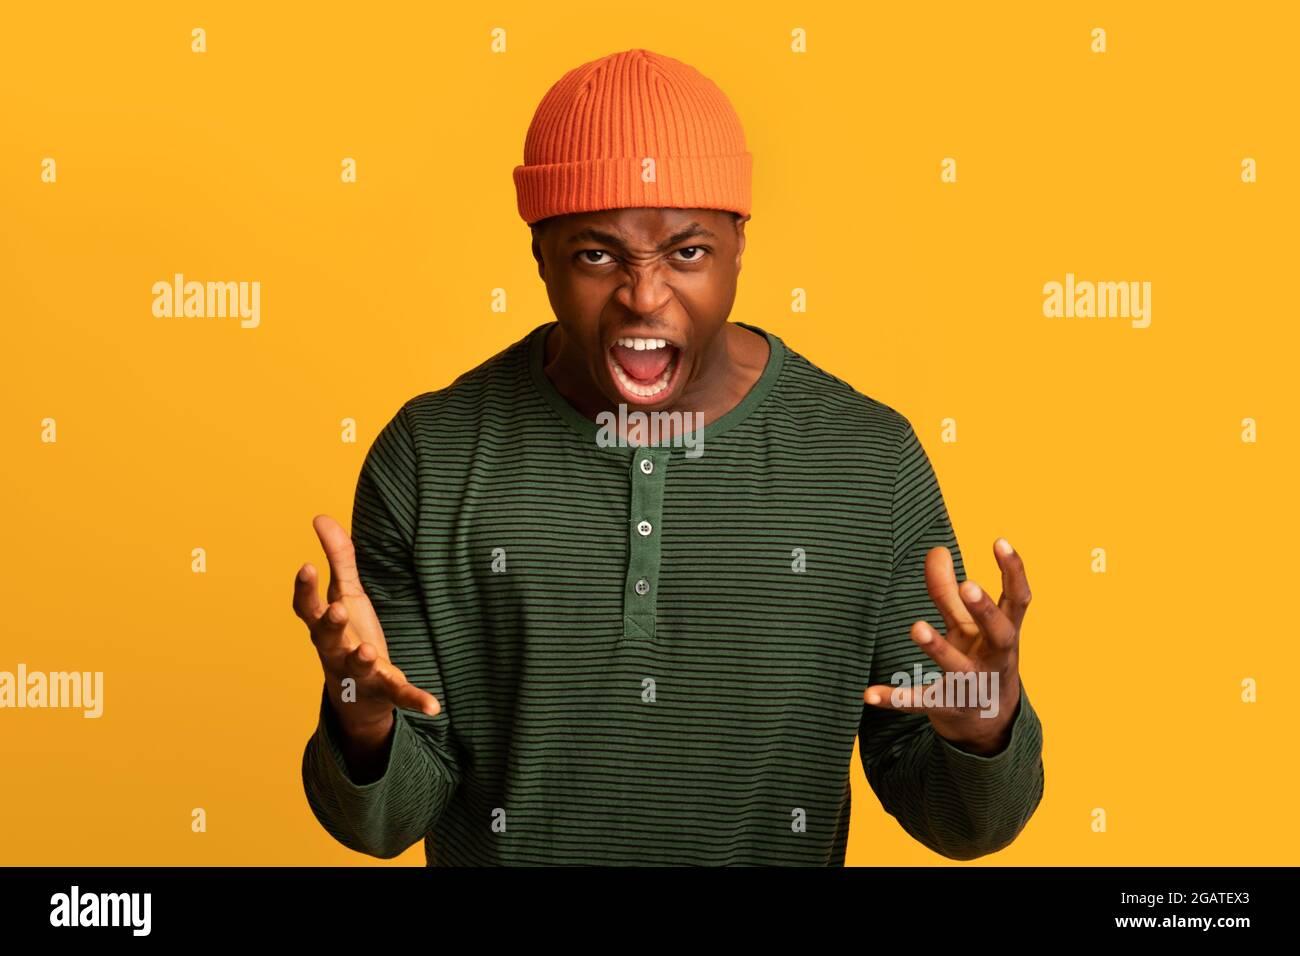 Portrait d'un homme afro-américain furieux criant avec rage à la caméra, homme noir très en colère levant les mains et hurlant avec fureur tout en se tenant à isola Banque D'Images